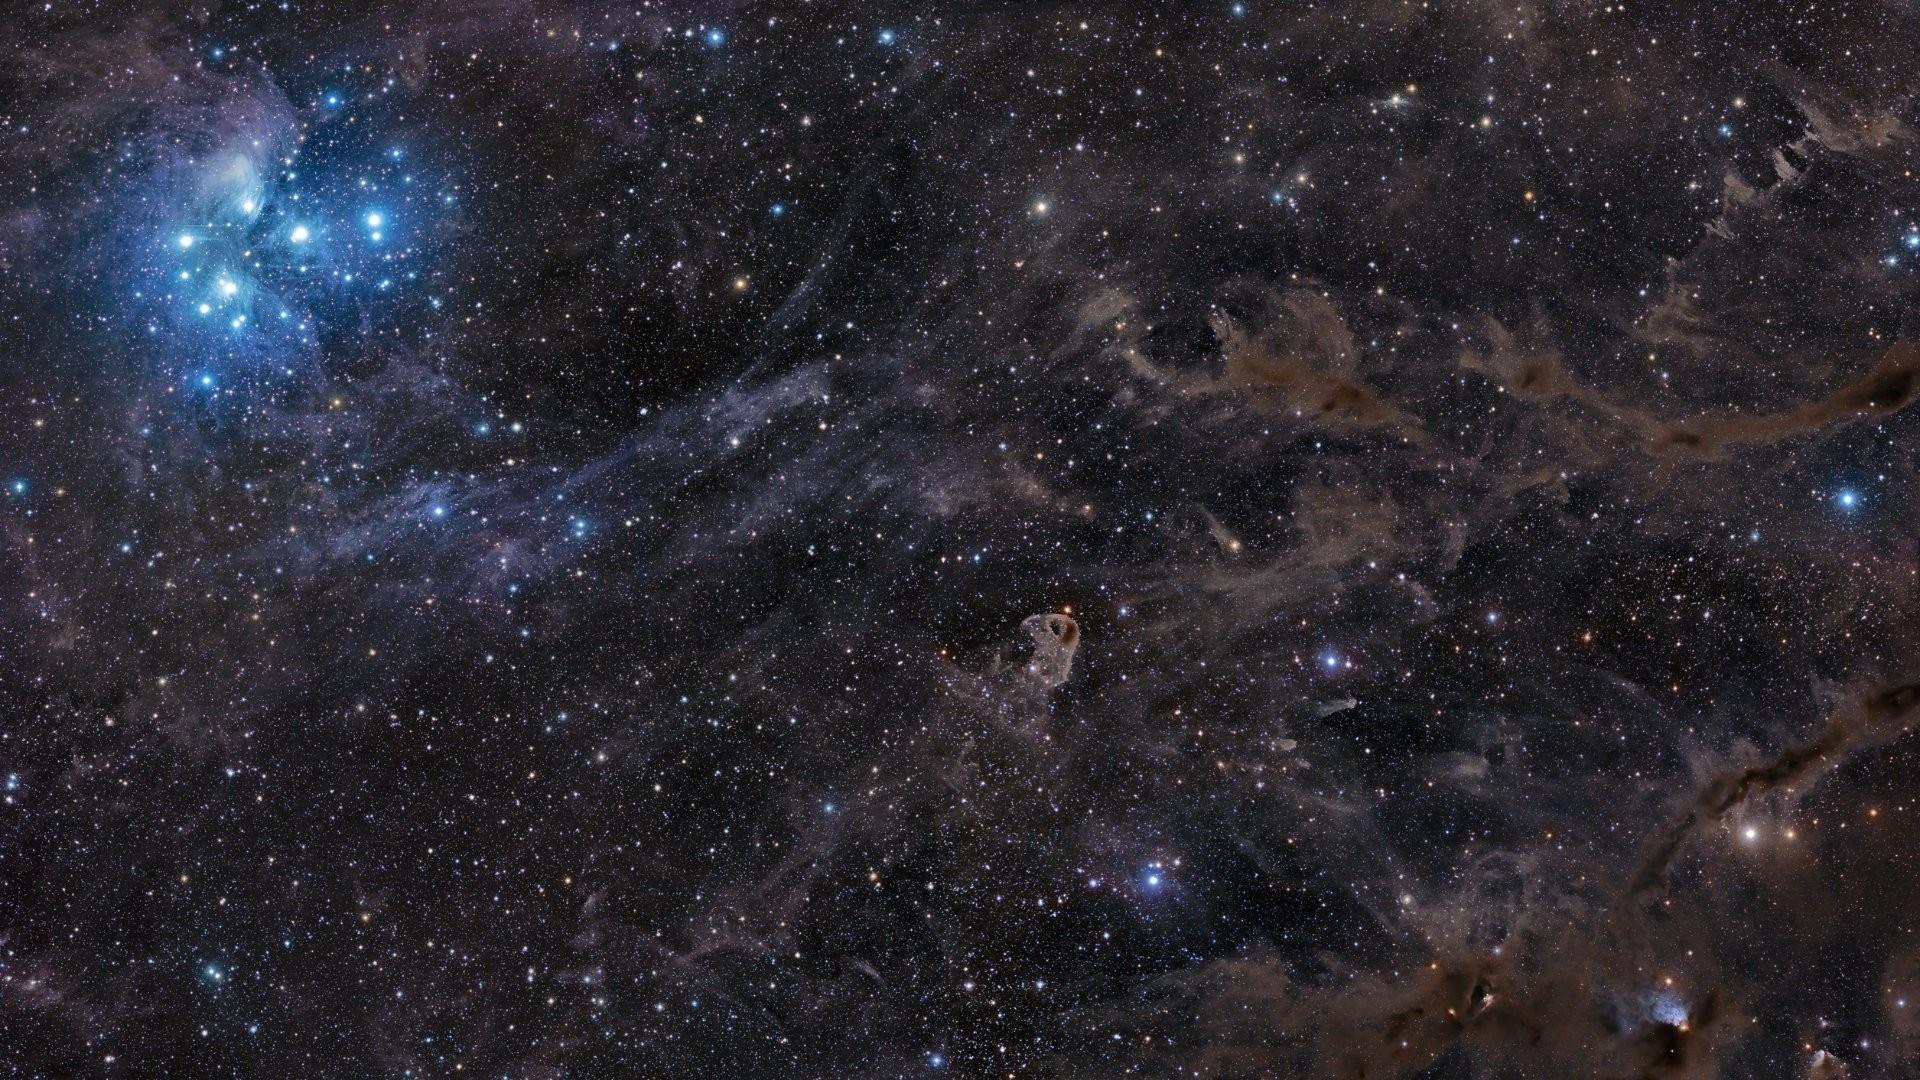 nebula 1920x1080 - photo #28